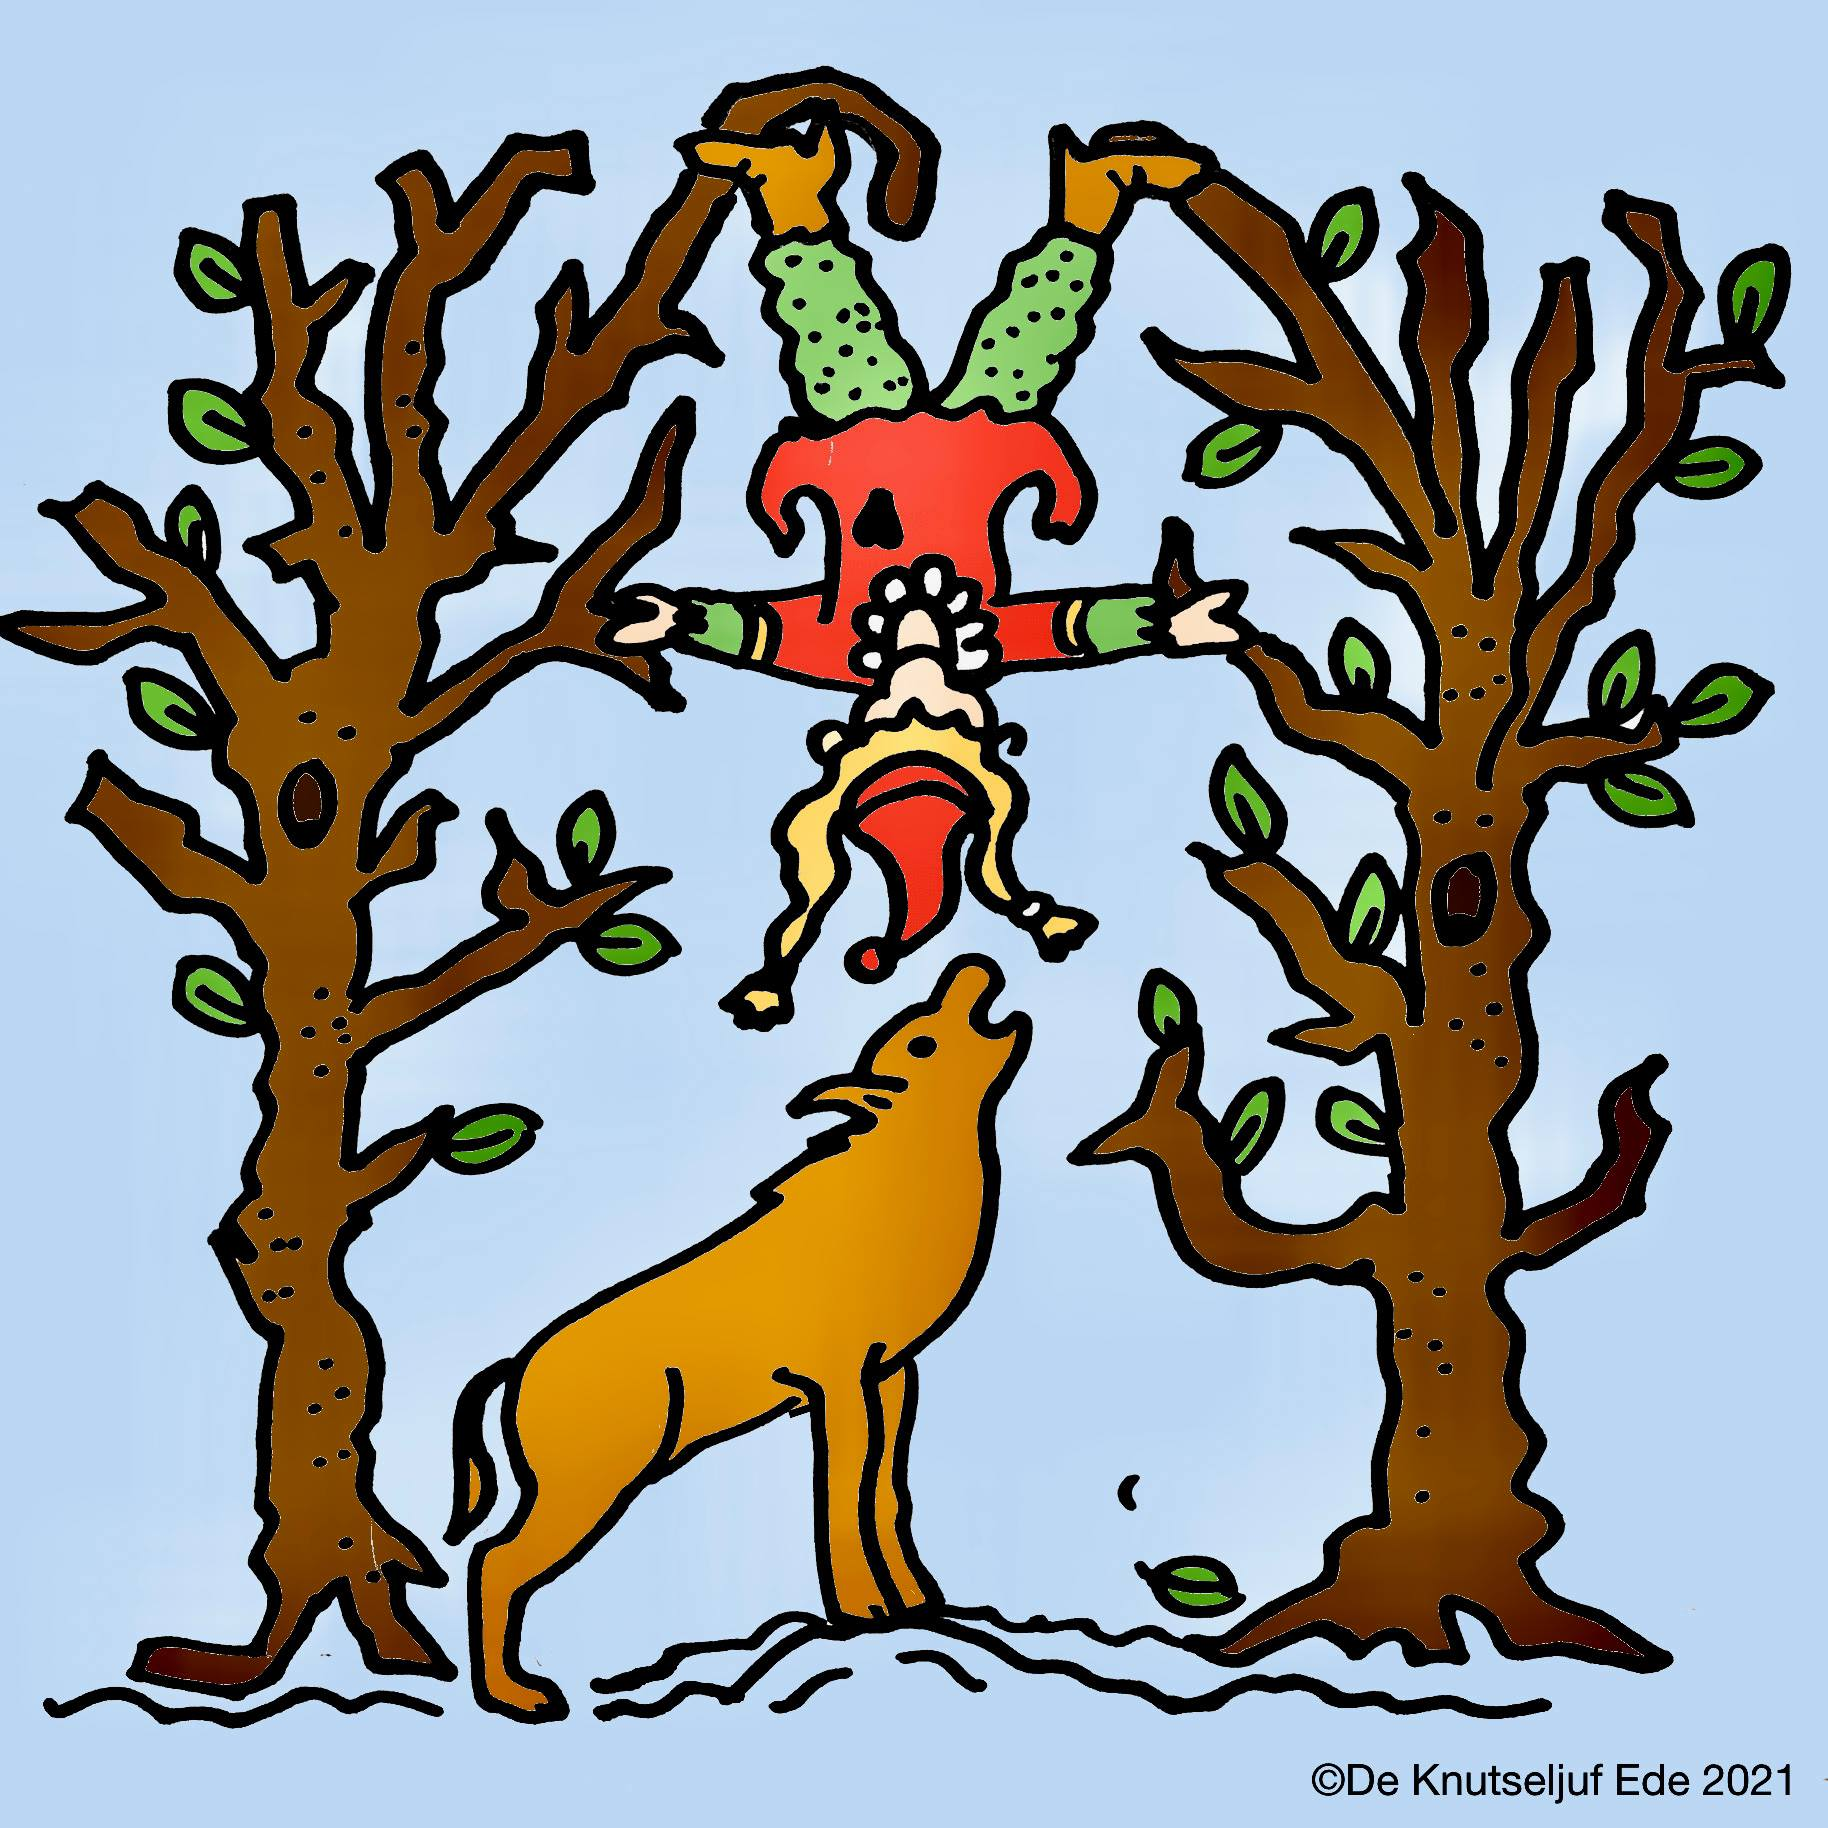 De knutseljuf Ede snelde naar het bos om deze angstaanjagende situatie op de plaat vast te leggen voor het nageslacht.